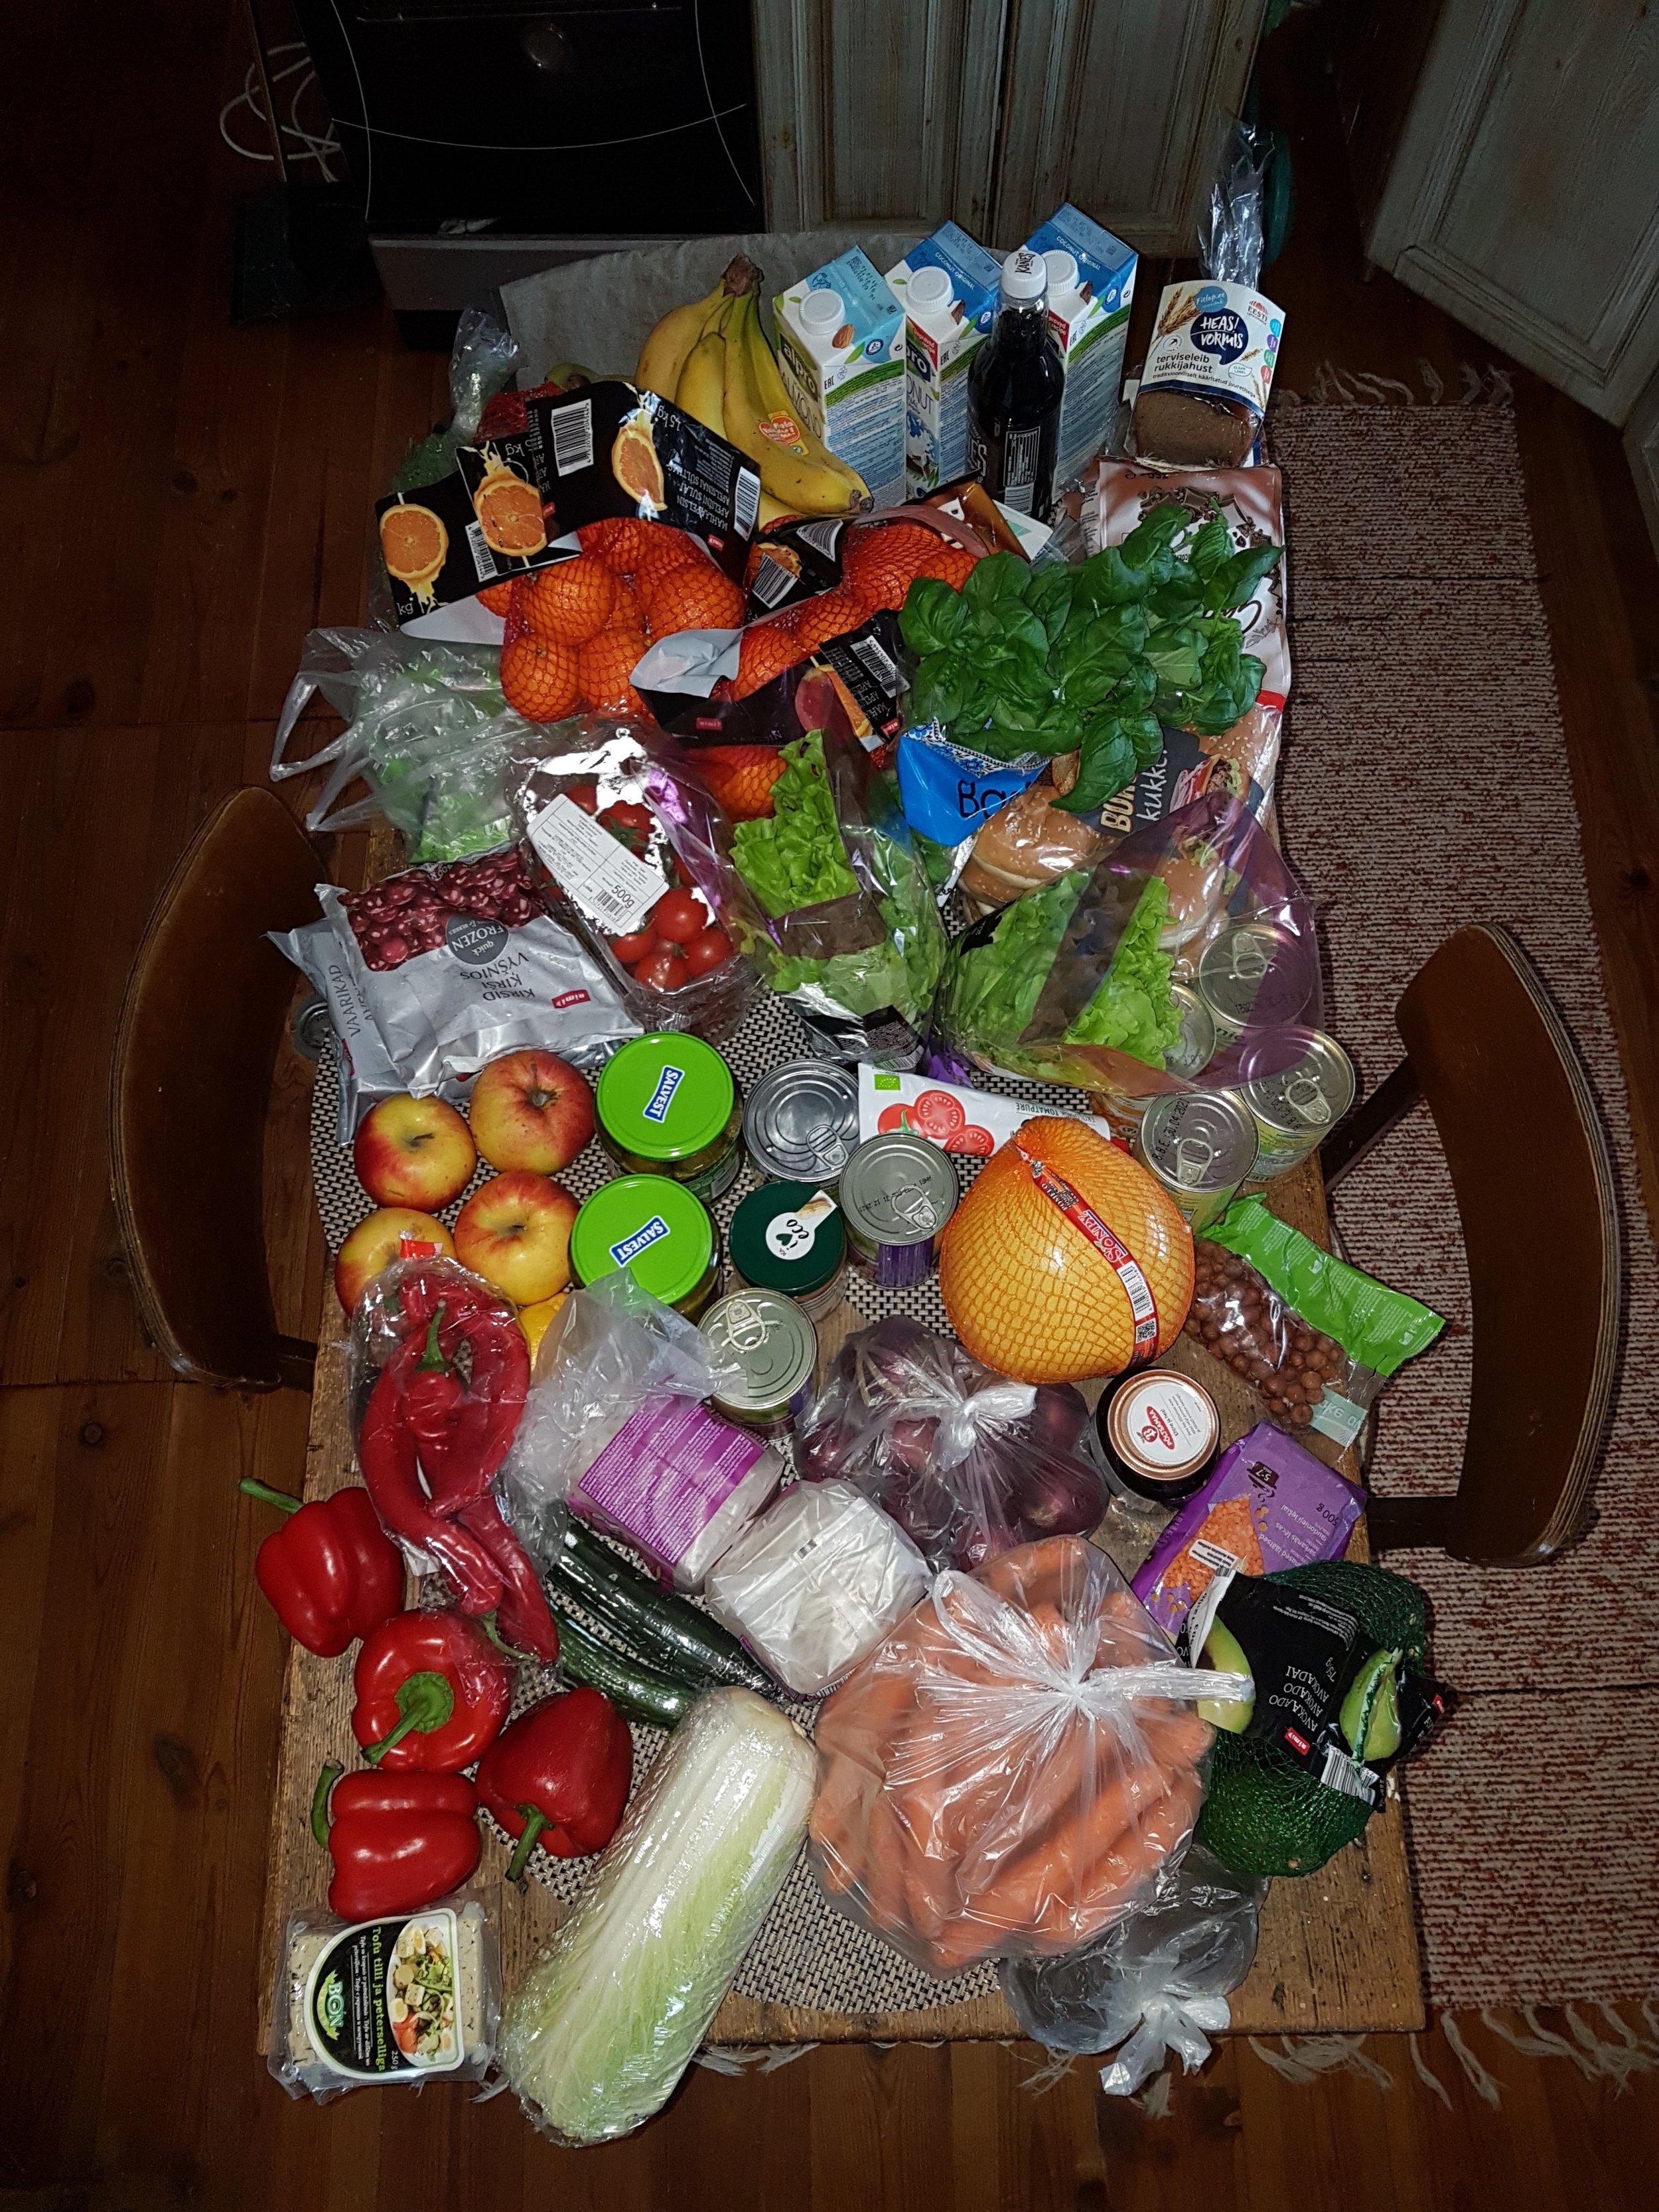 Nädala toit ühel pildil. Kõik kokku 97.98€